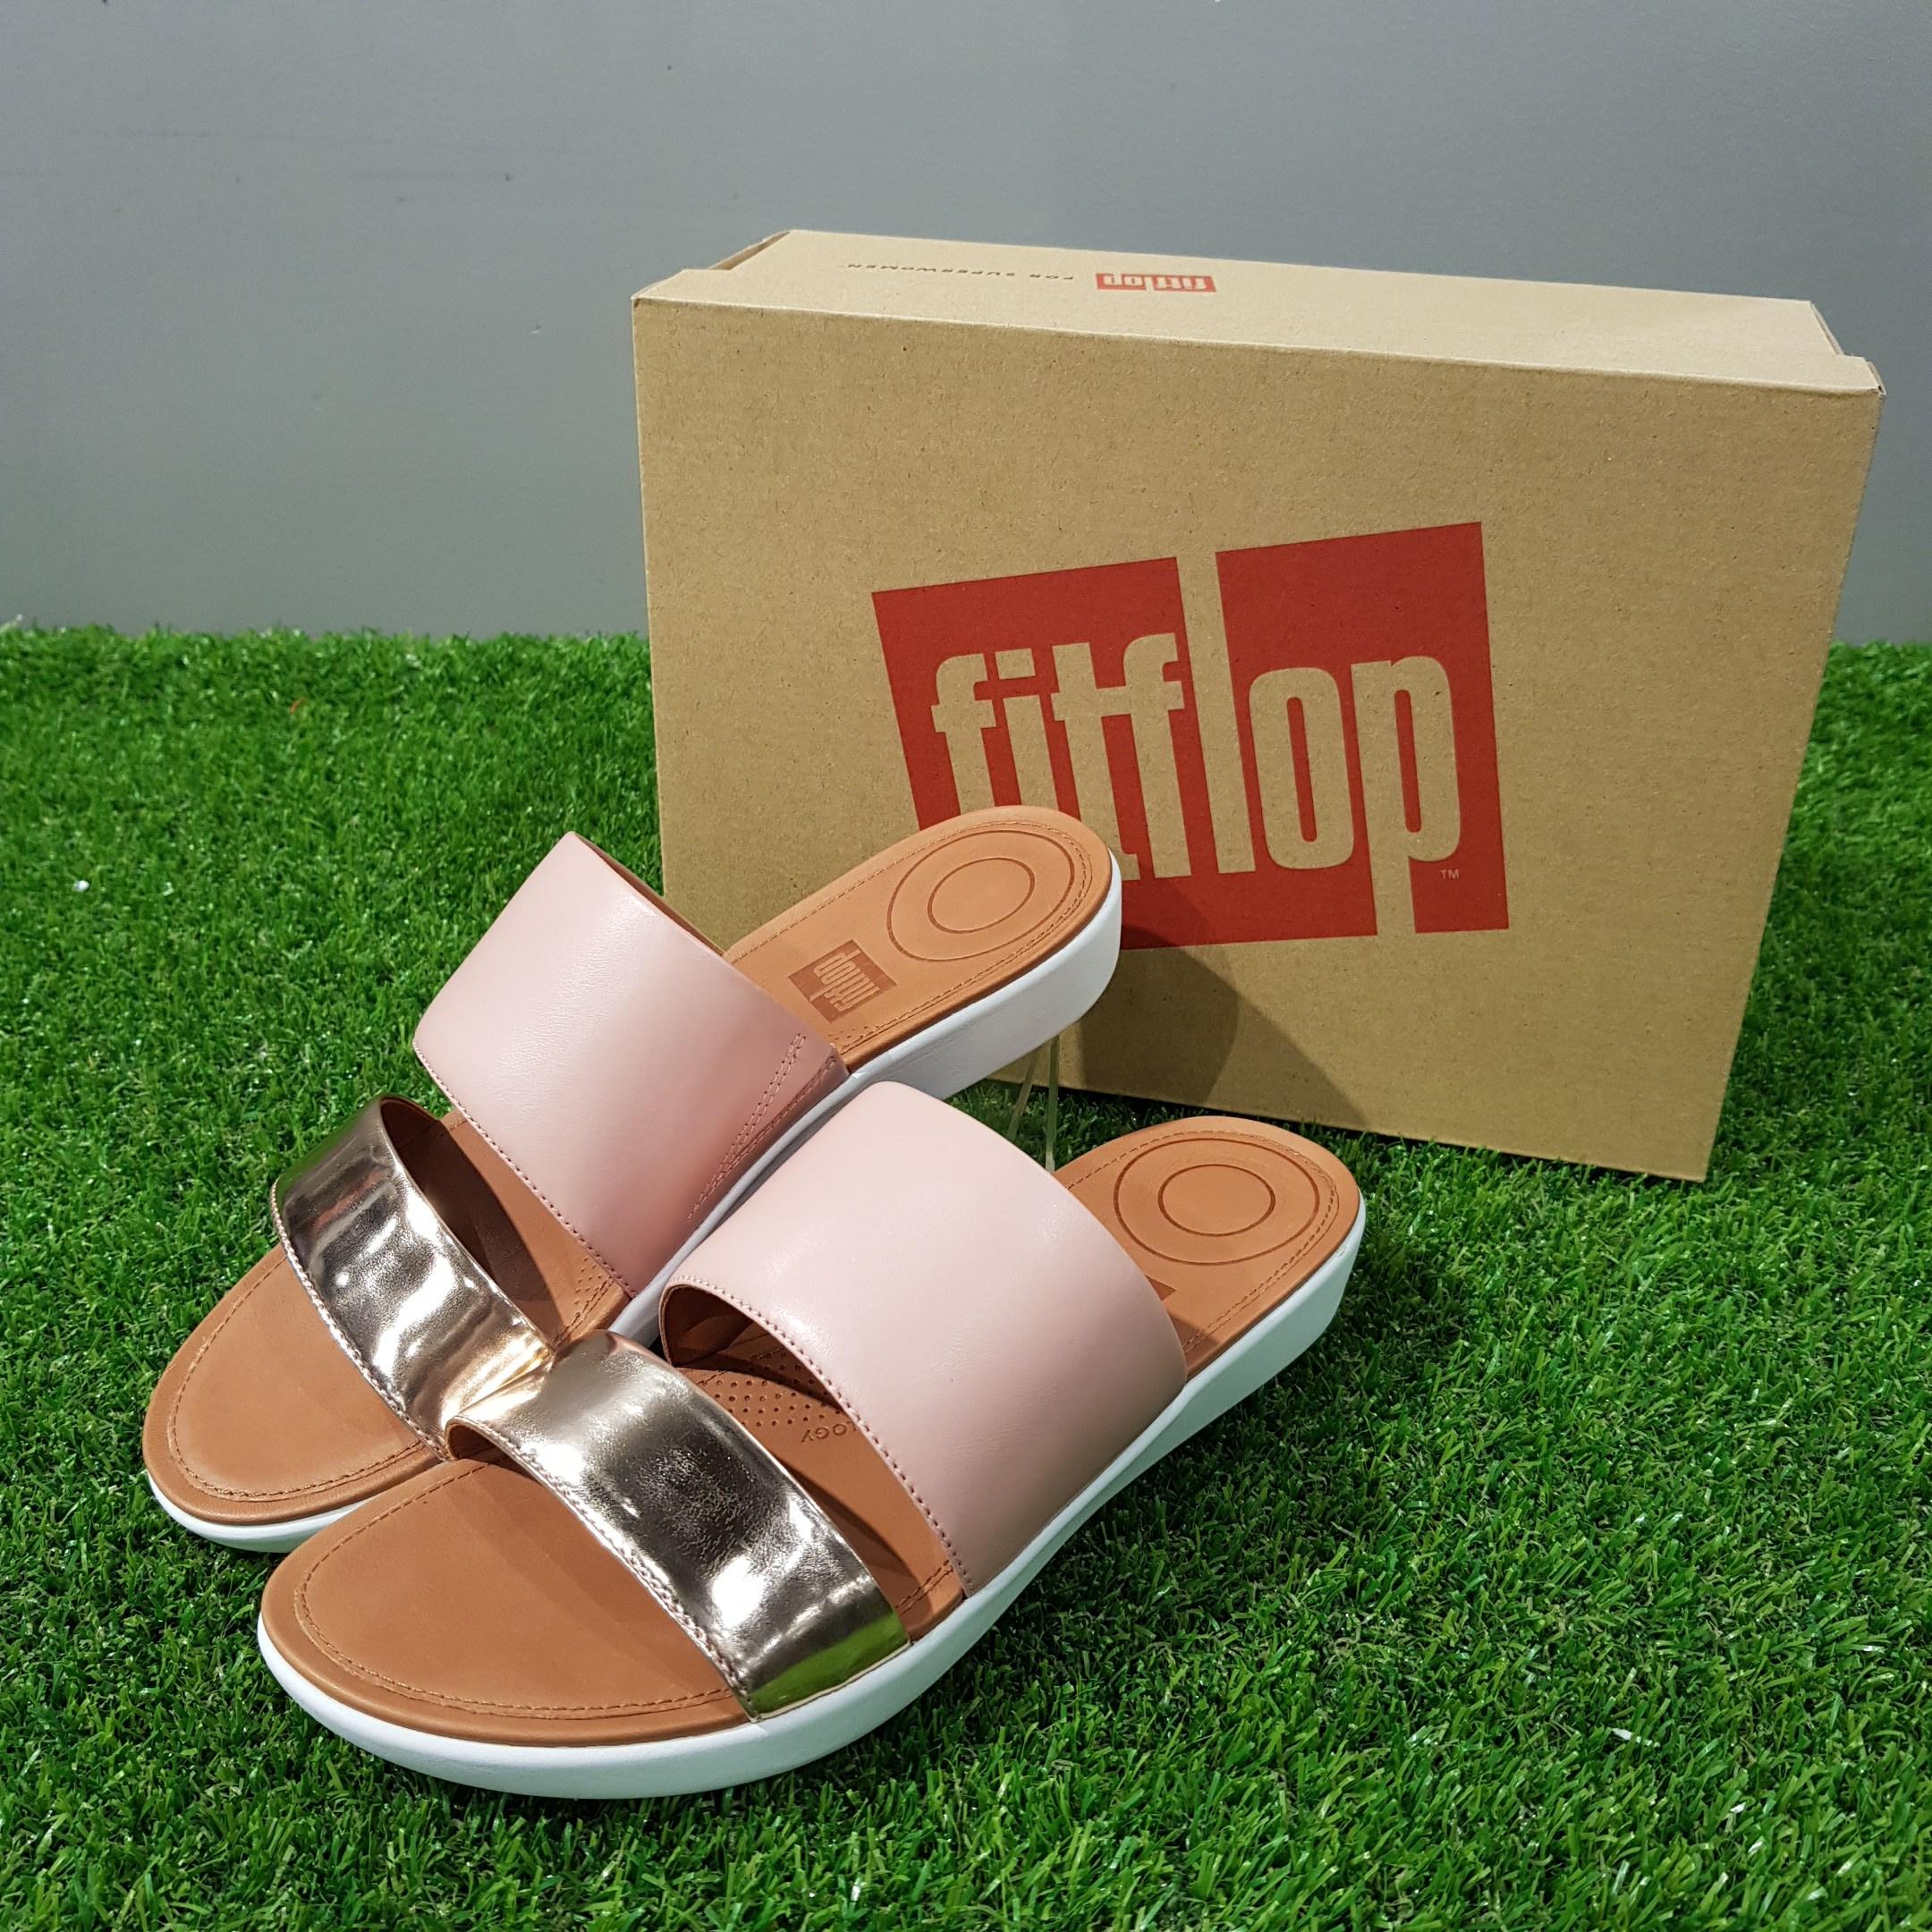 핏플랍 fitflop 여성 샌들 Delta Slide Sandals Leather 핑크&골드 (K29-556)